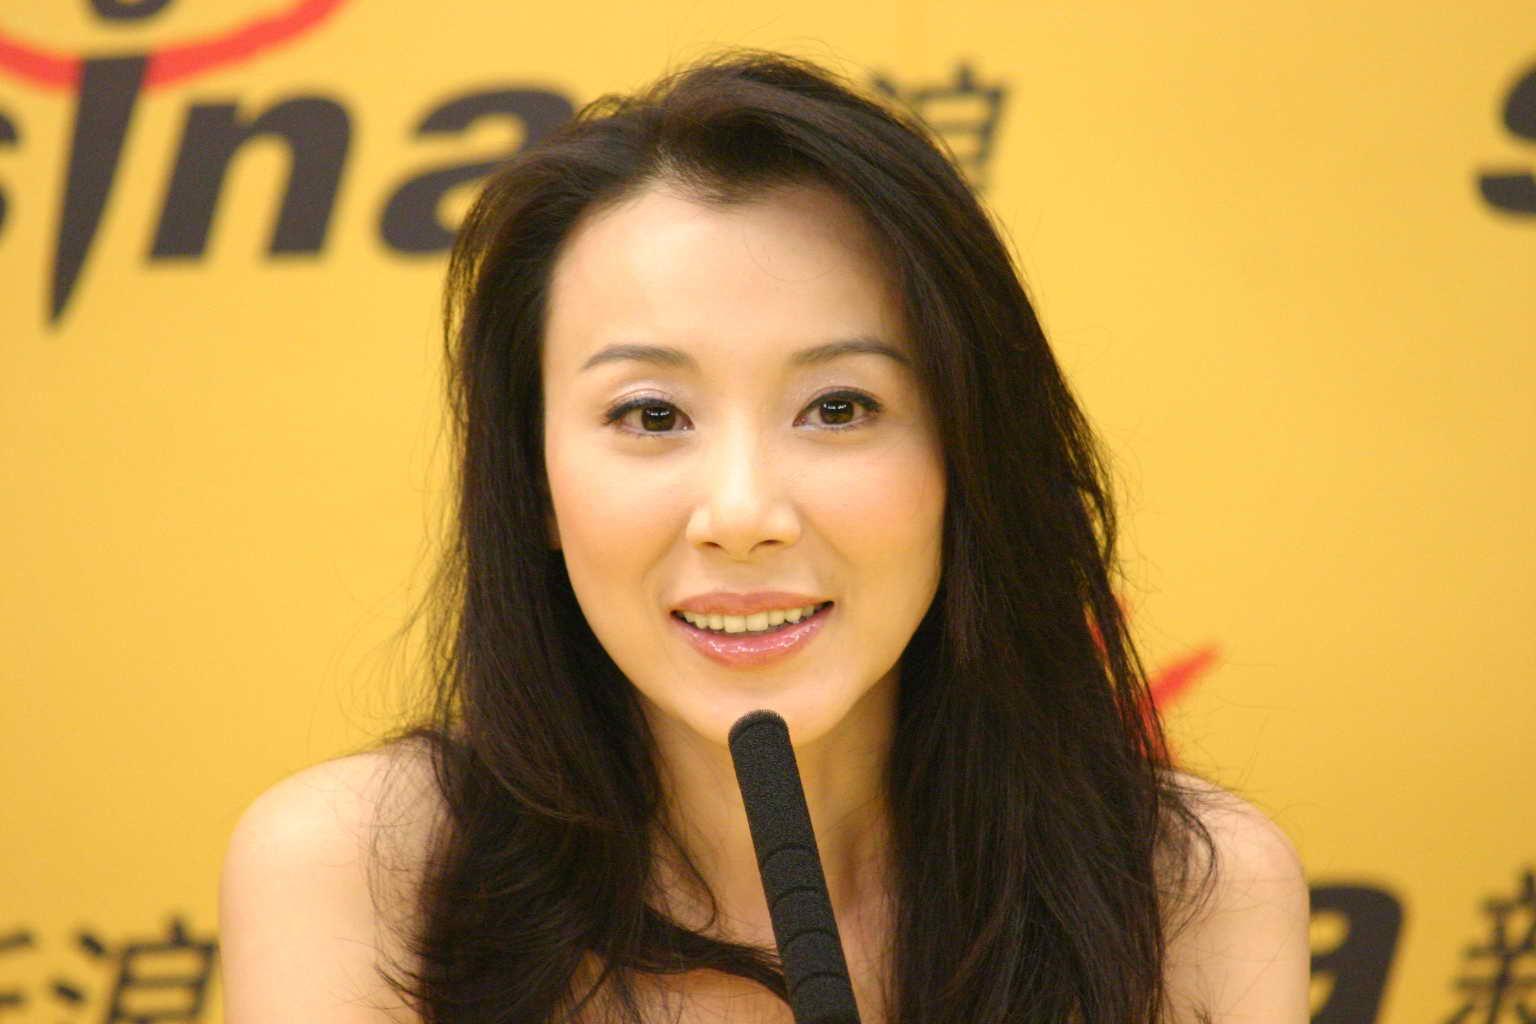 萧蔷老公是谁生了几个孩子现状揭秘 萧蔷和张菲的生活细节曝光